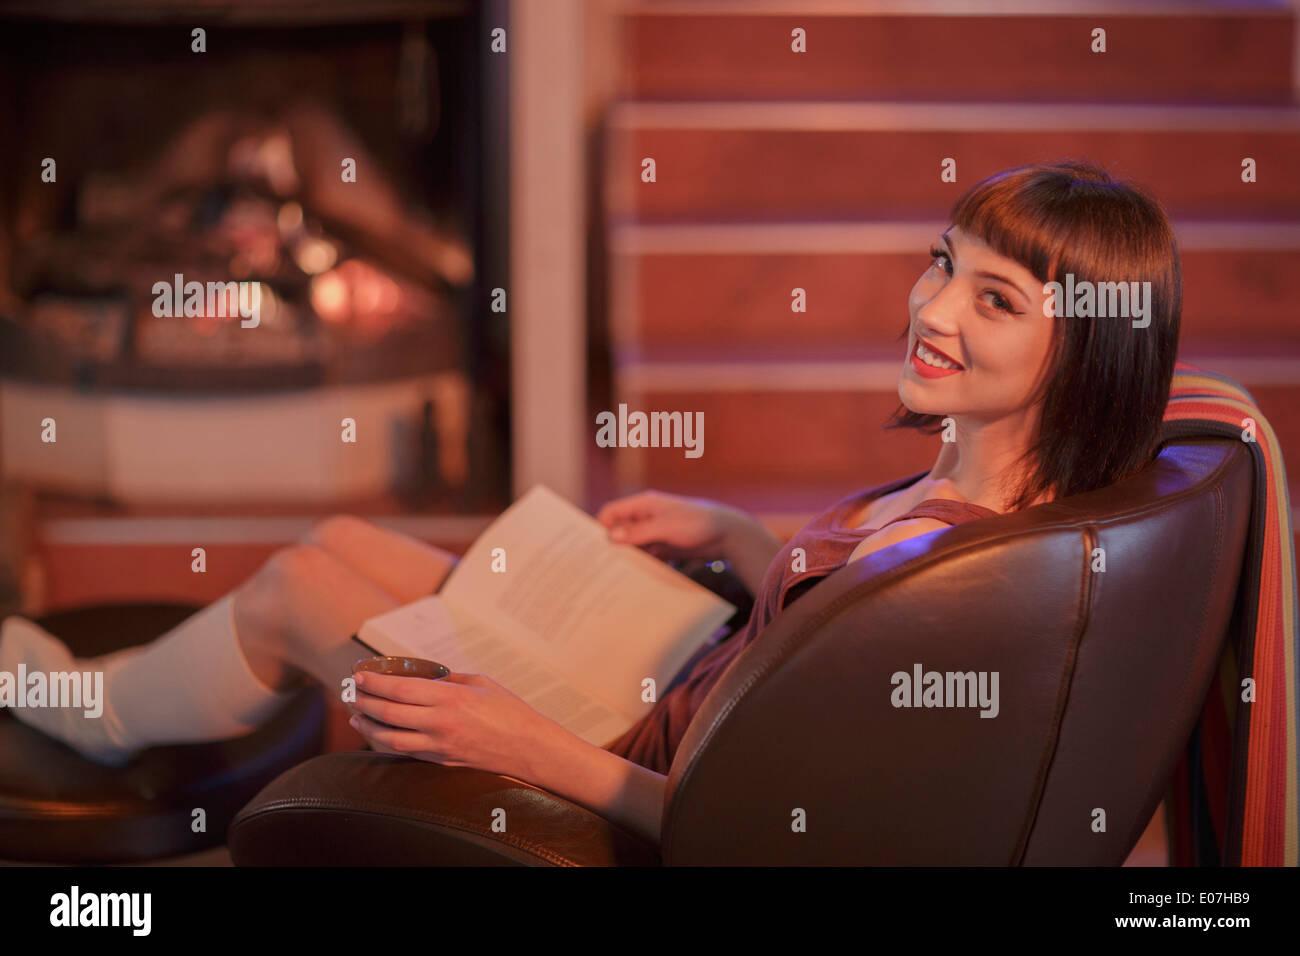 Giovane donna si siede in poltrona a leggere un libro Immagini Stock